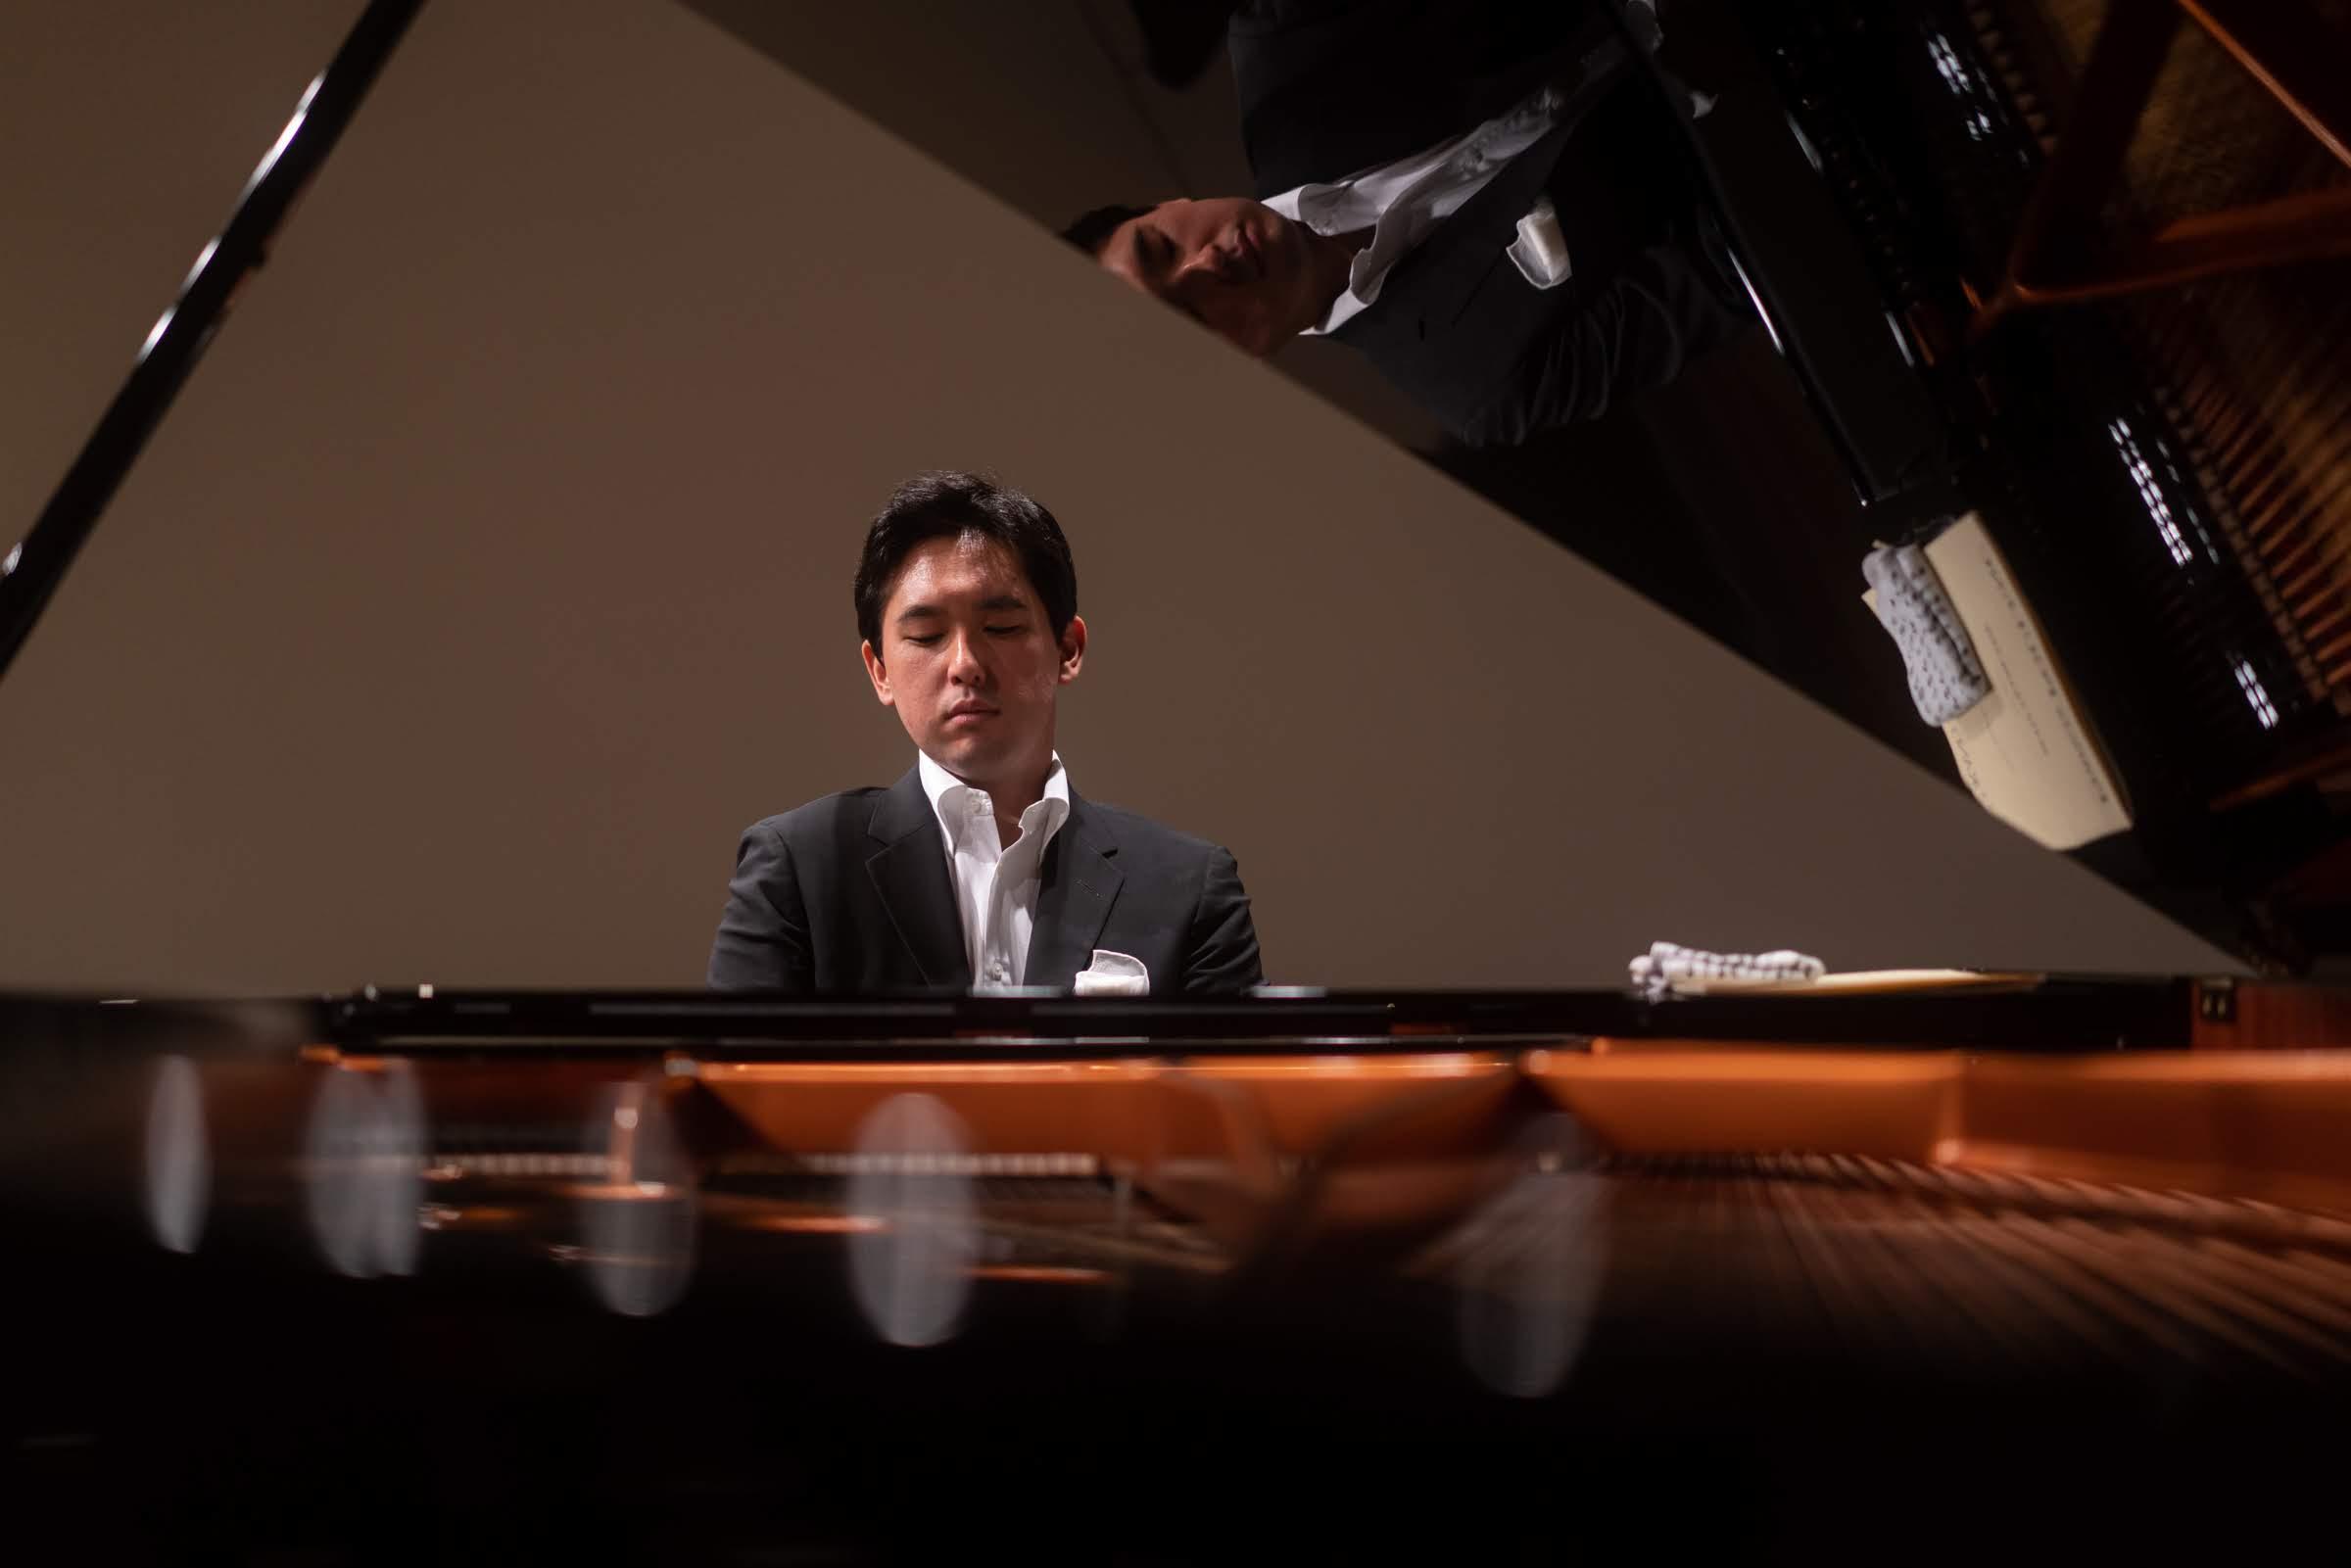 【クラシック新譜】「身近にプーランクの音楽と魂を感じる生活を送ってきました」──ピアニスト・戸室玄 デビュー・アルバム&レポート